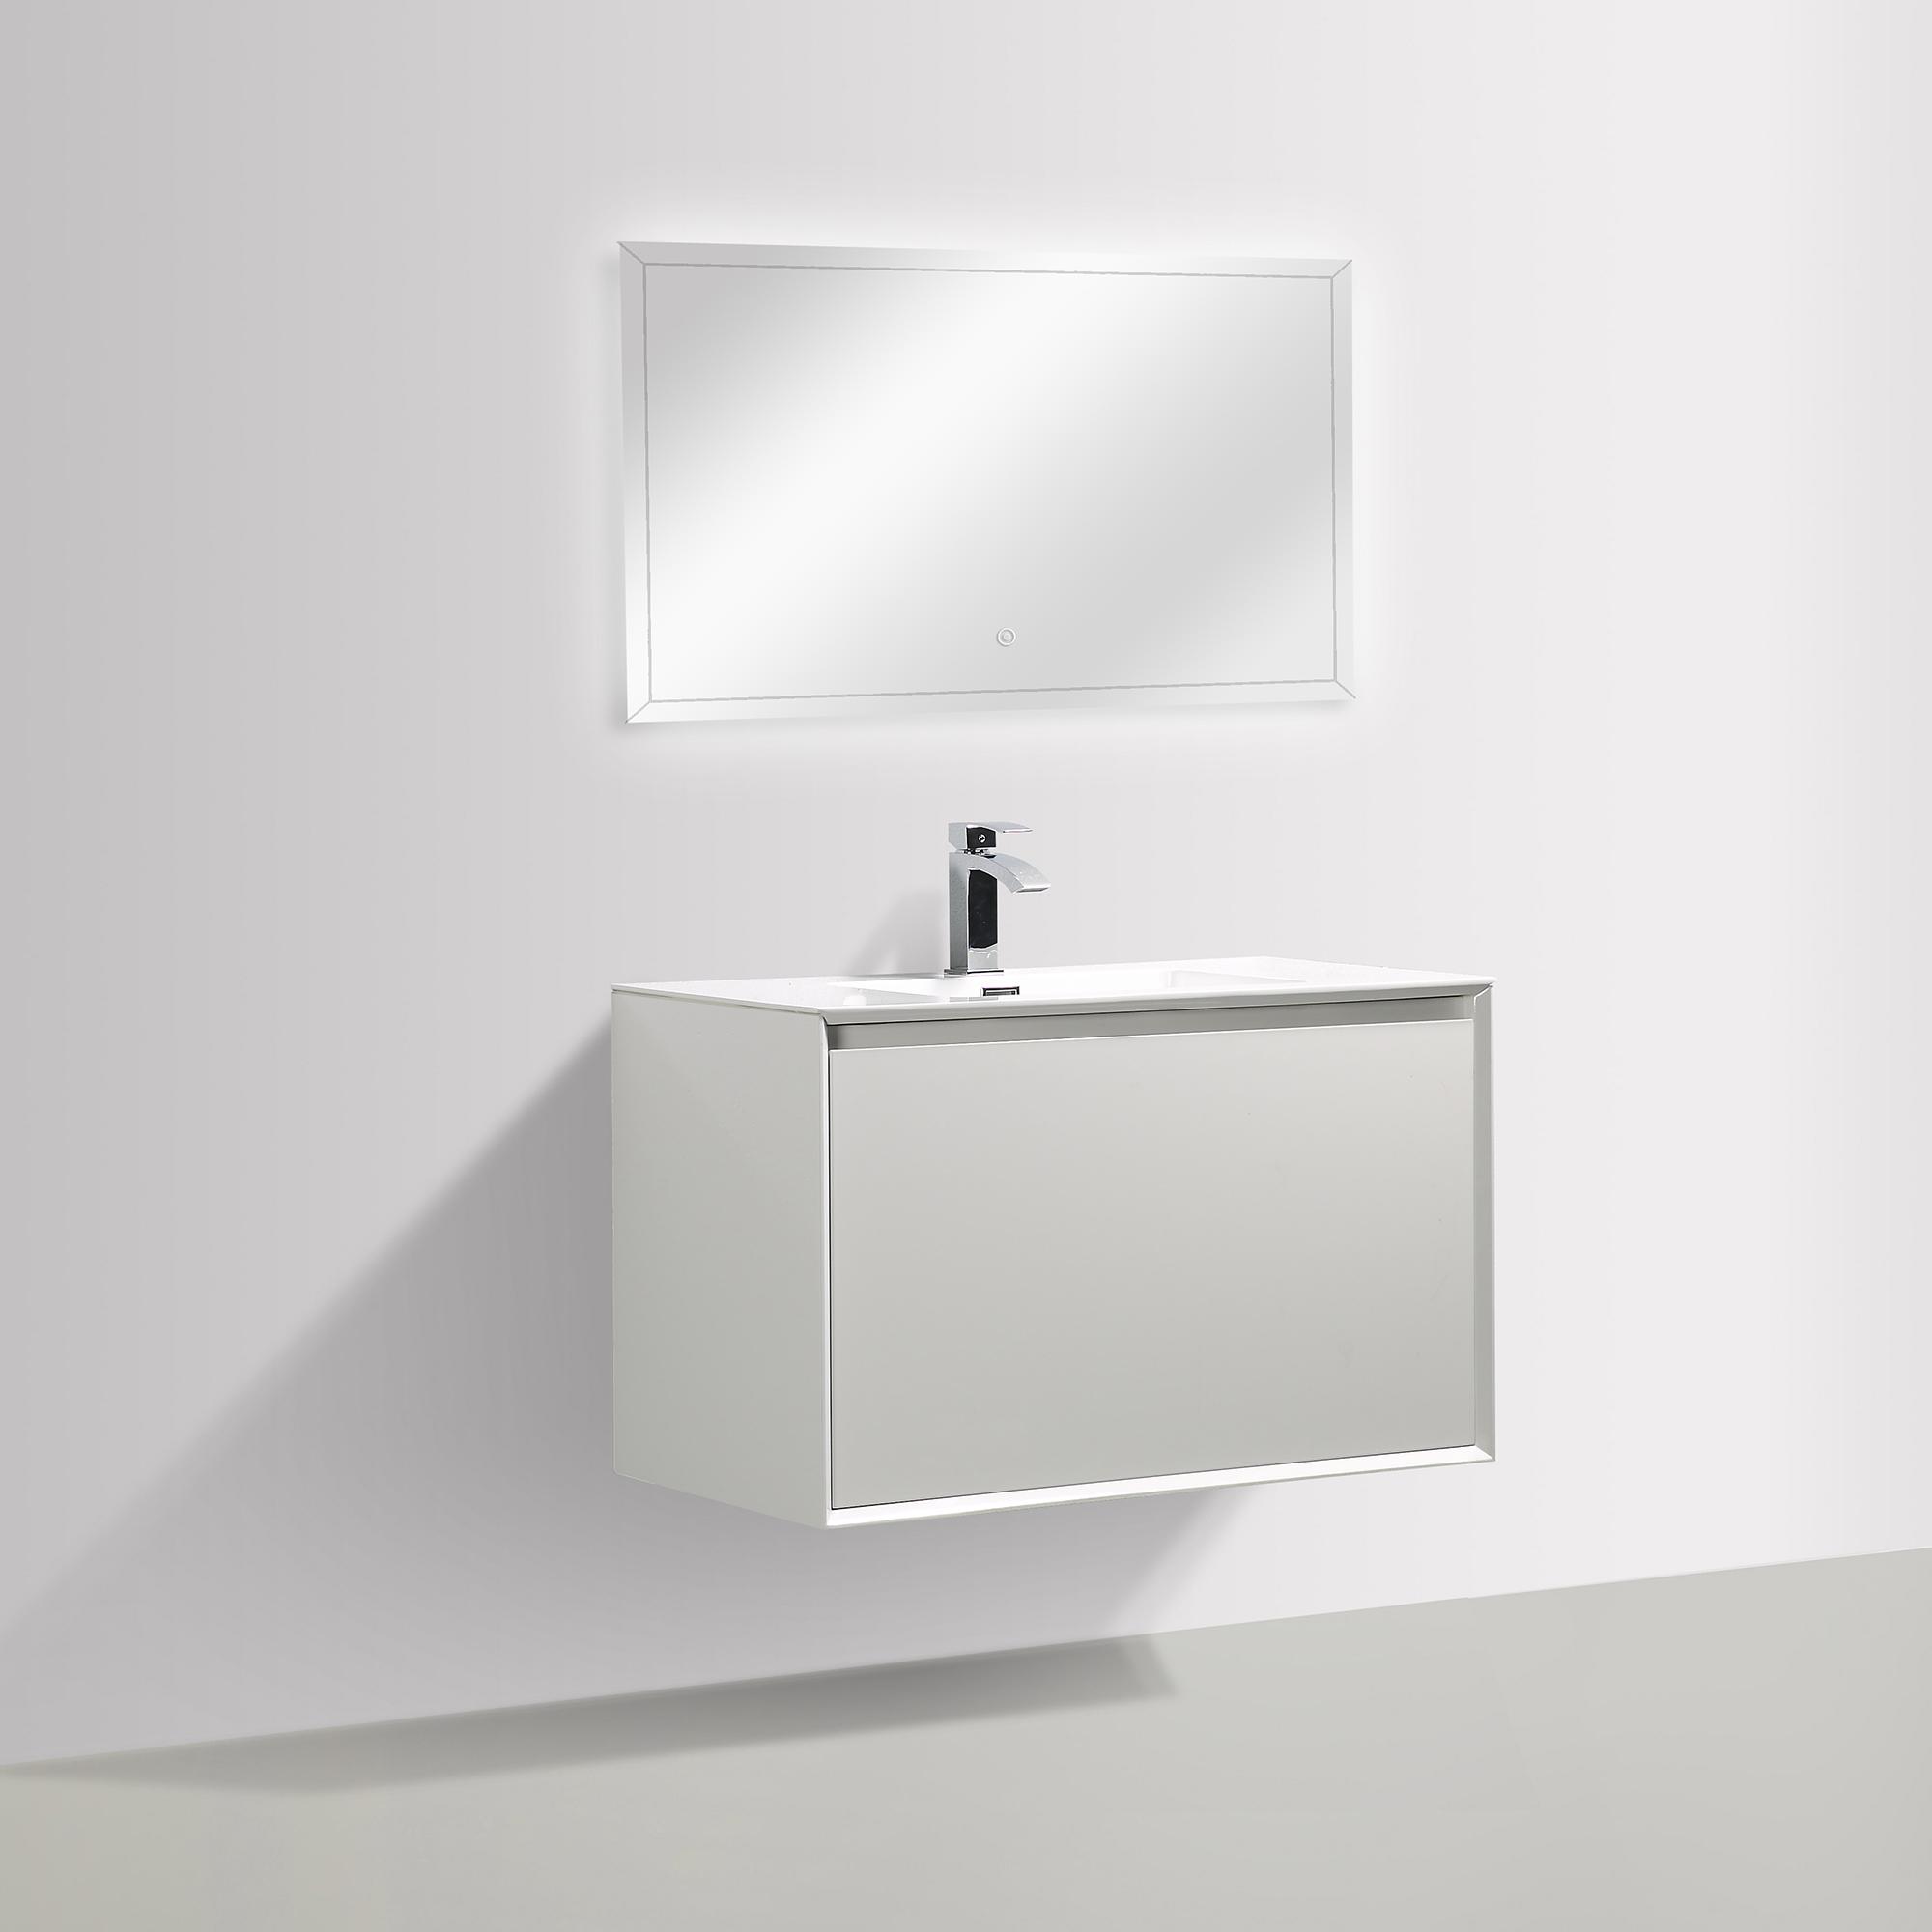 Badmöbel-Set Freya 900 Weiß glänzend mit LED Beleuchtung – Optional mit Spiegel